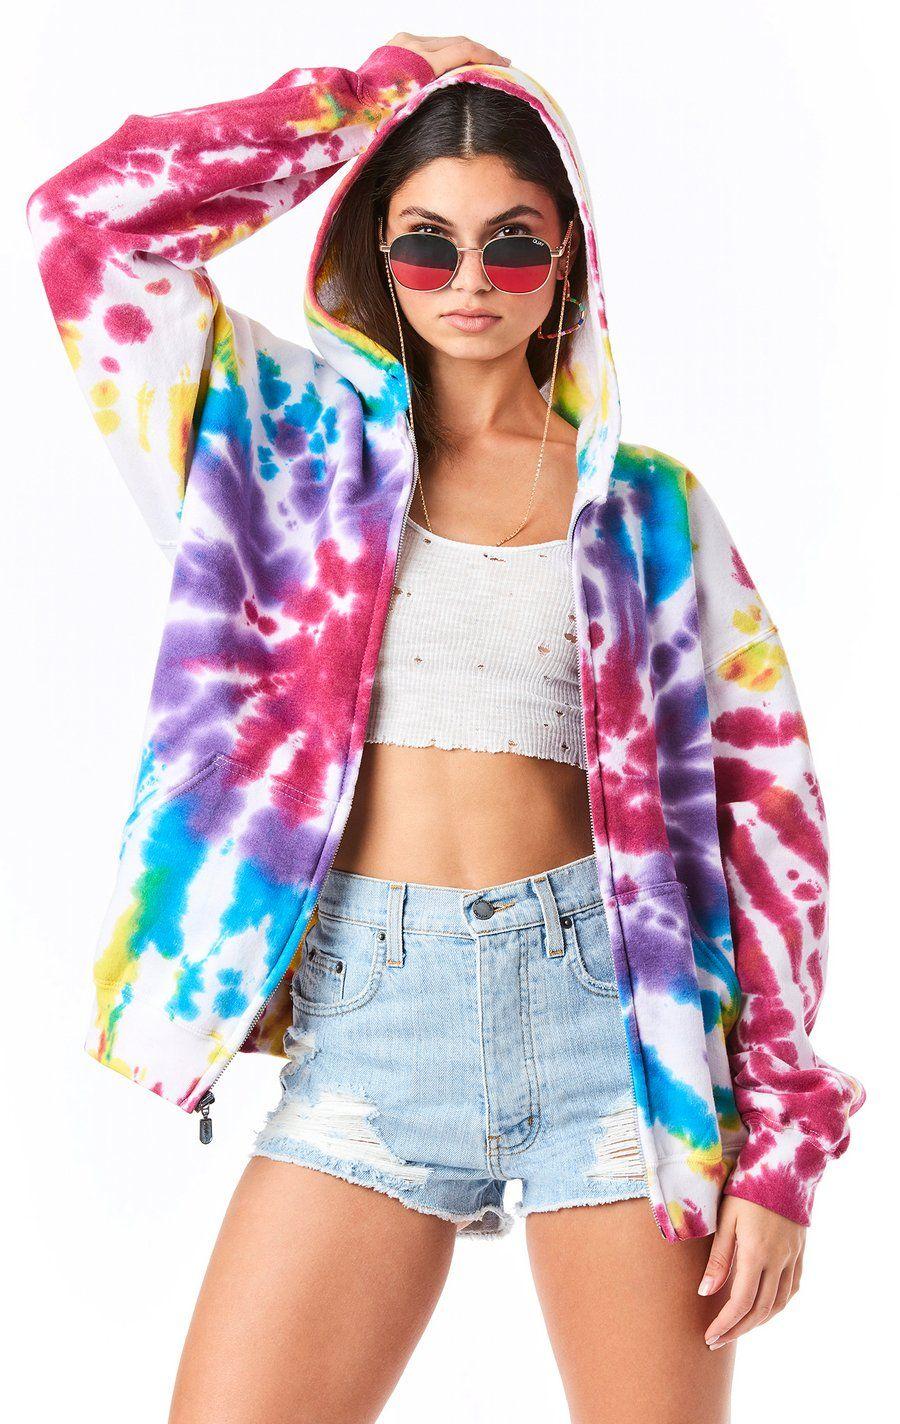 Firework Tie Dye Zip Up Sweatshirt Lf Stores Tie Dye Outfits Tie Dye Fashion Tie Dye Jackets [ 1424 x 900 Pixel ]